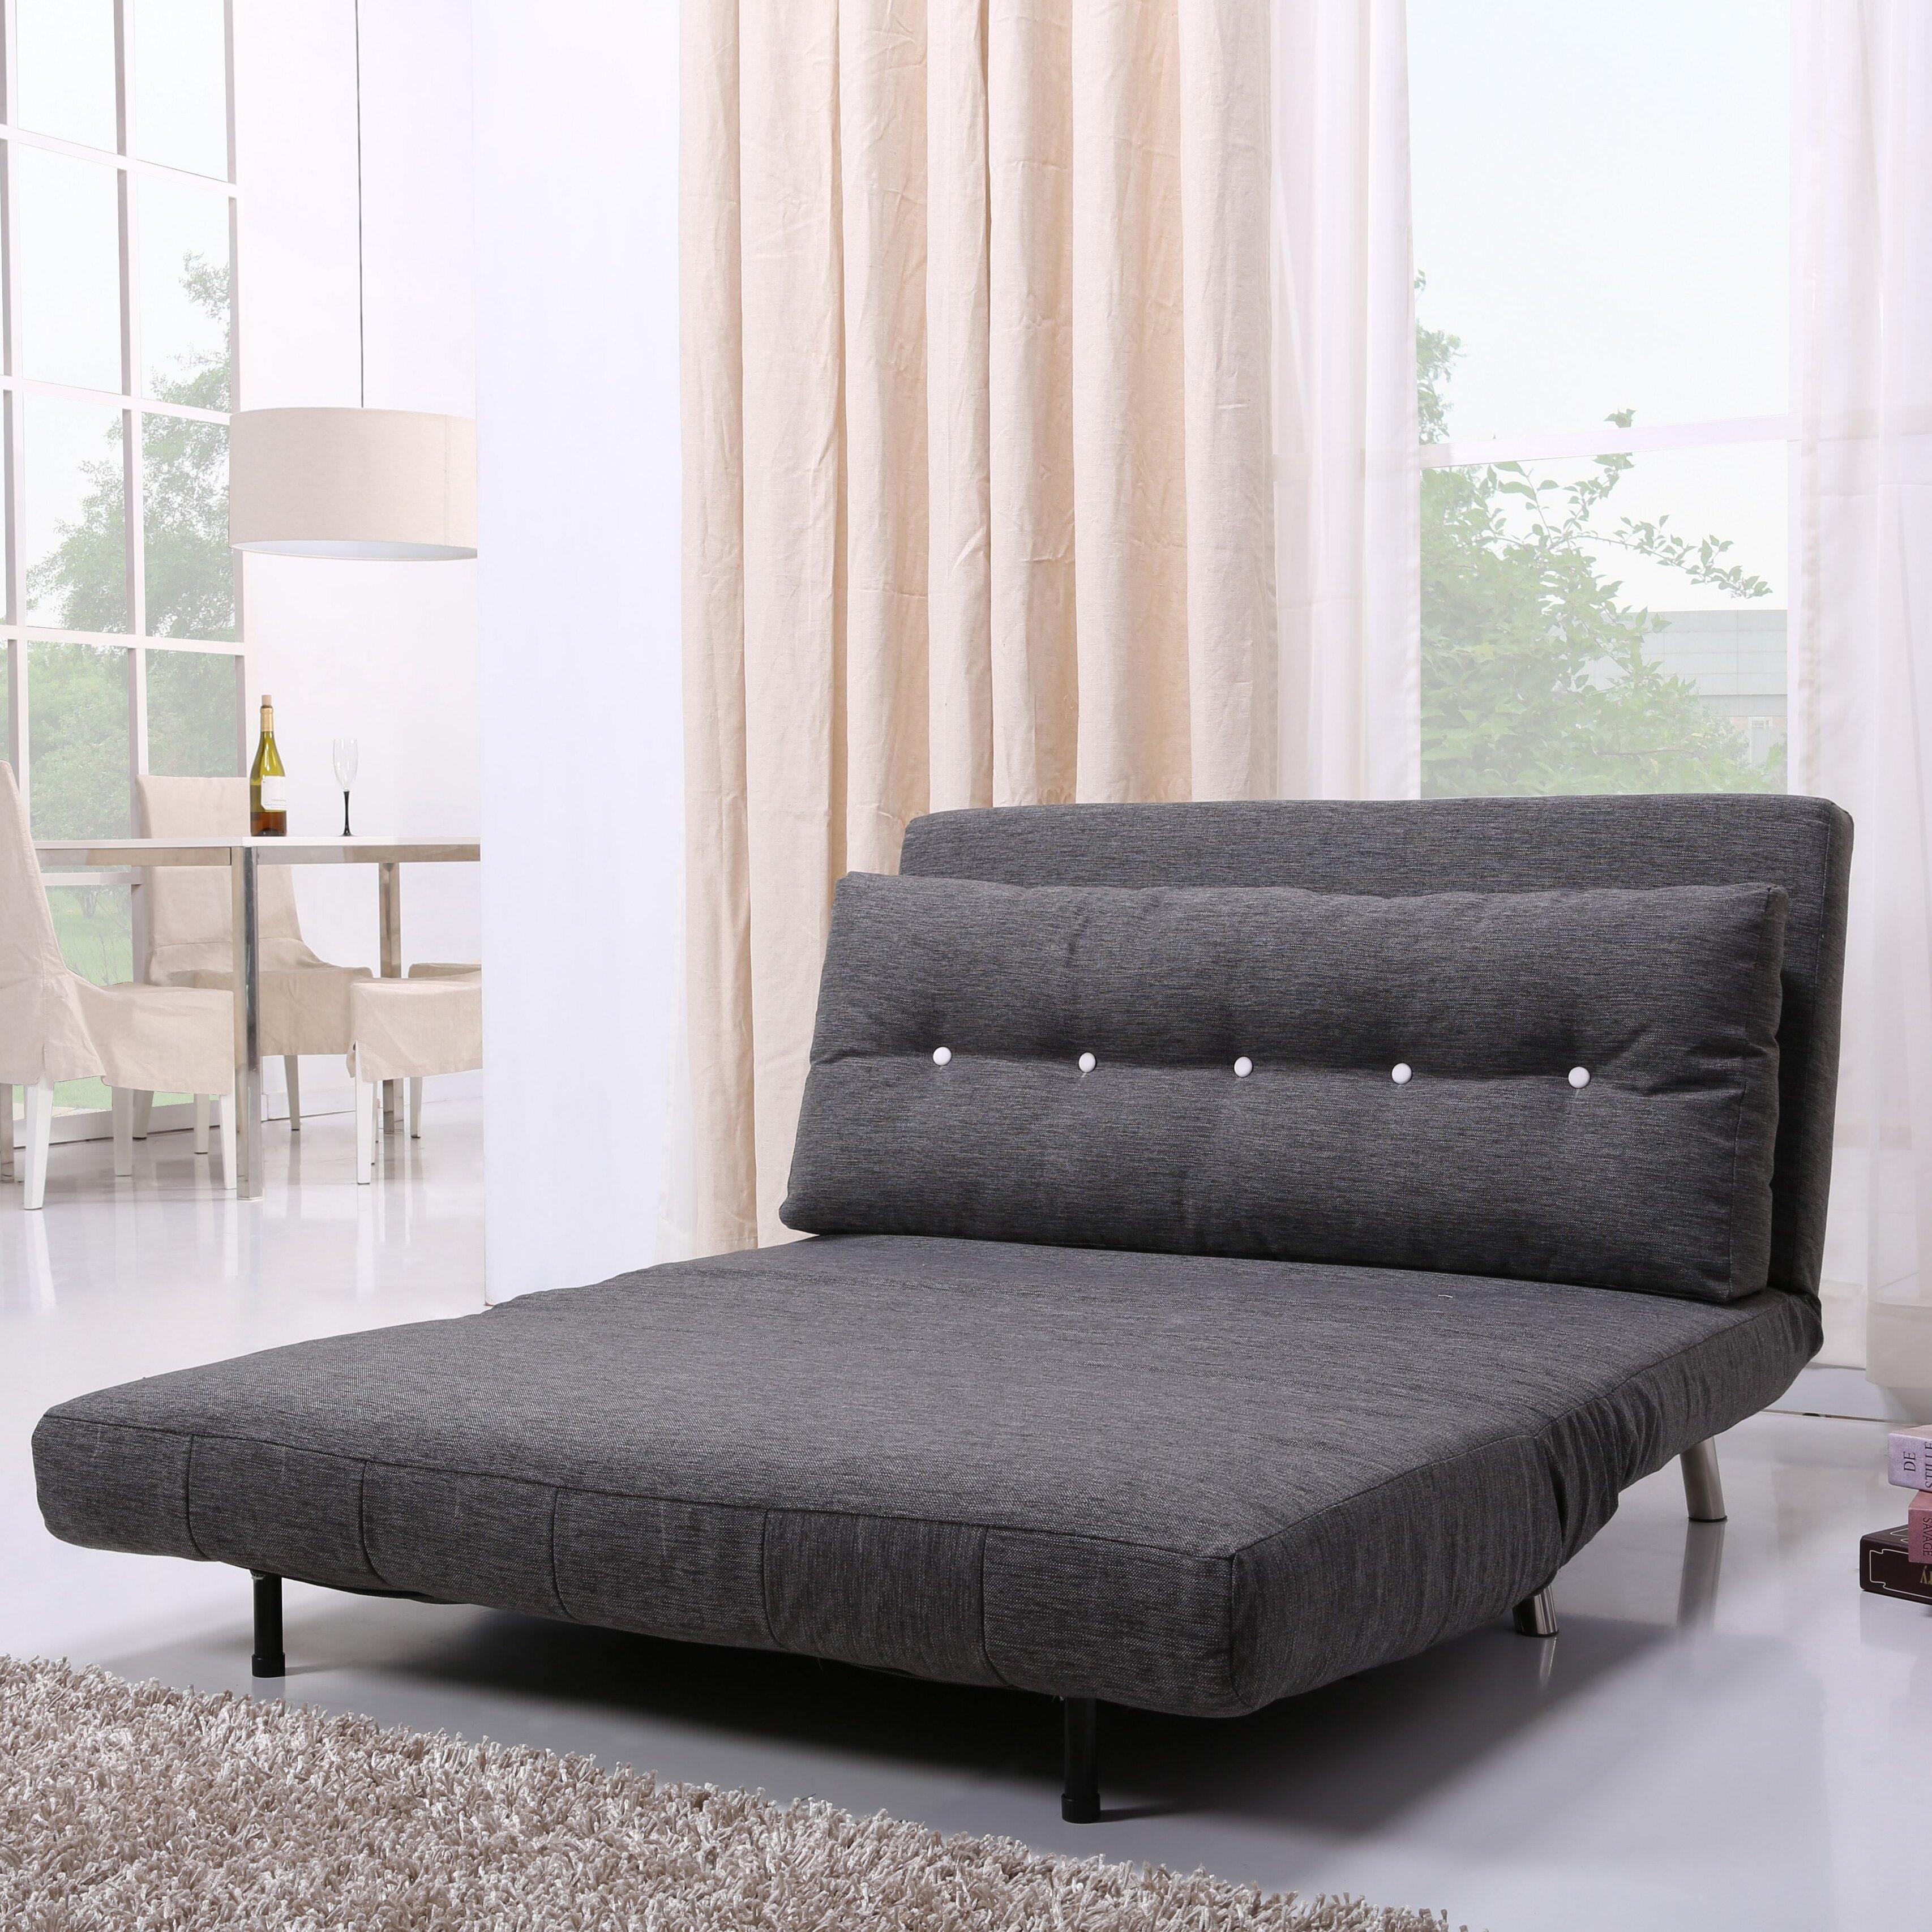 Leader lifestyle futonsofa romeo bewertungen Sofa dampfreiniger